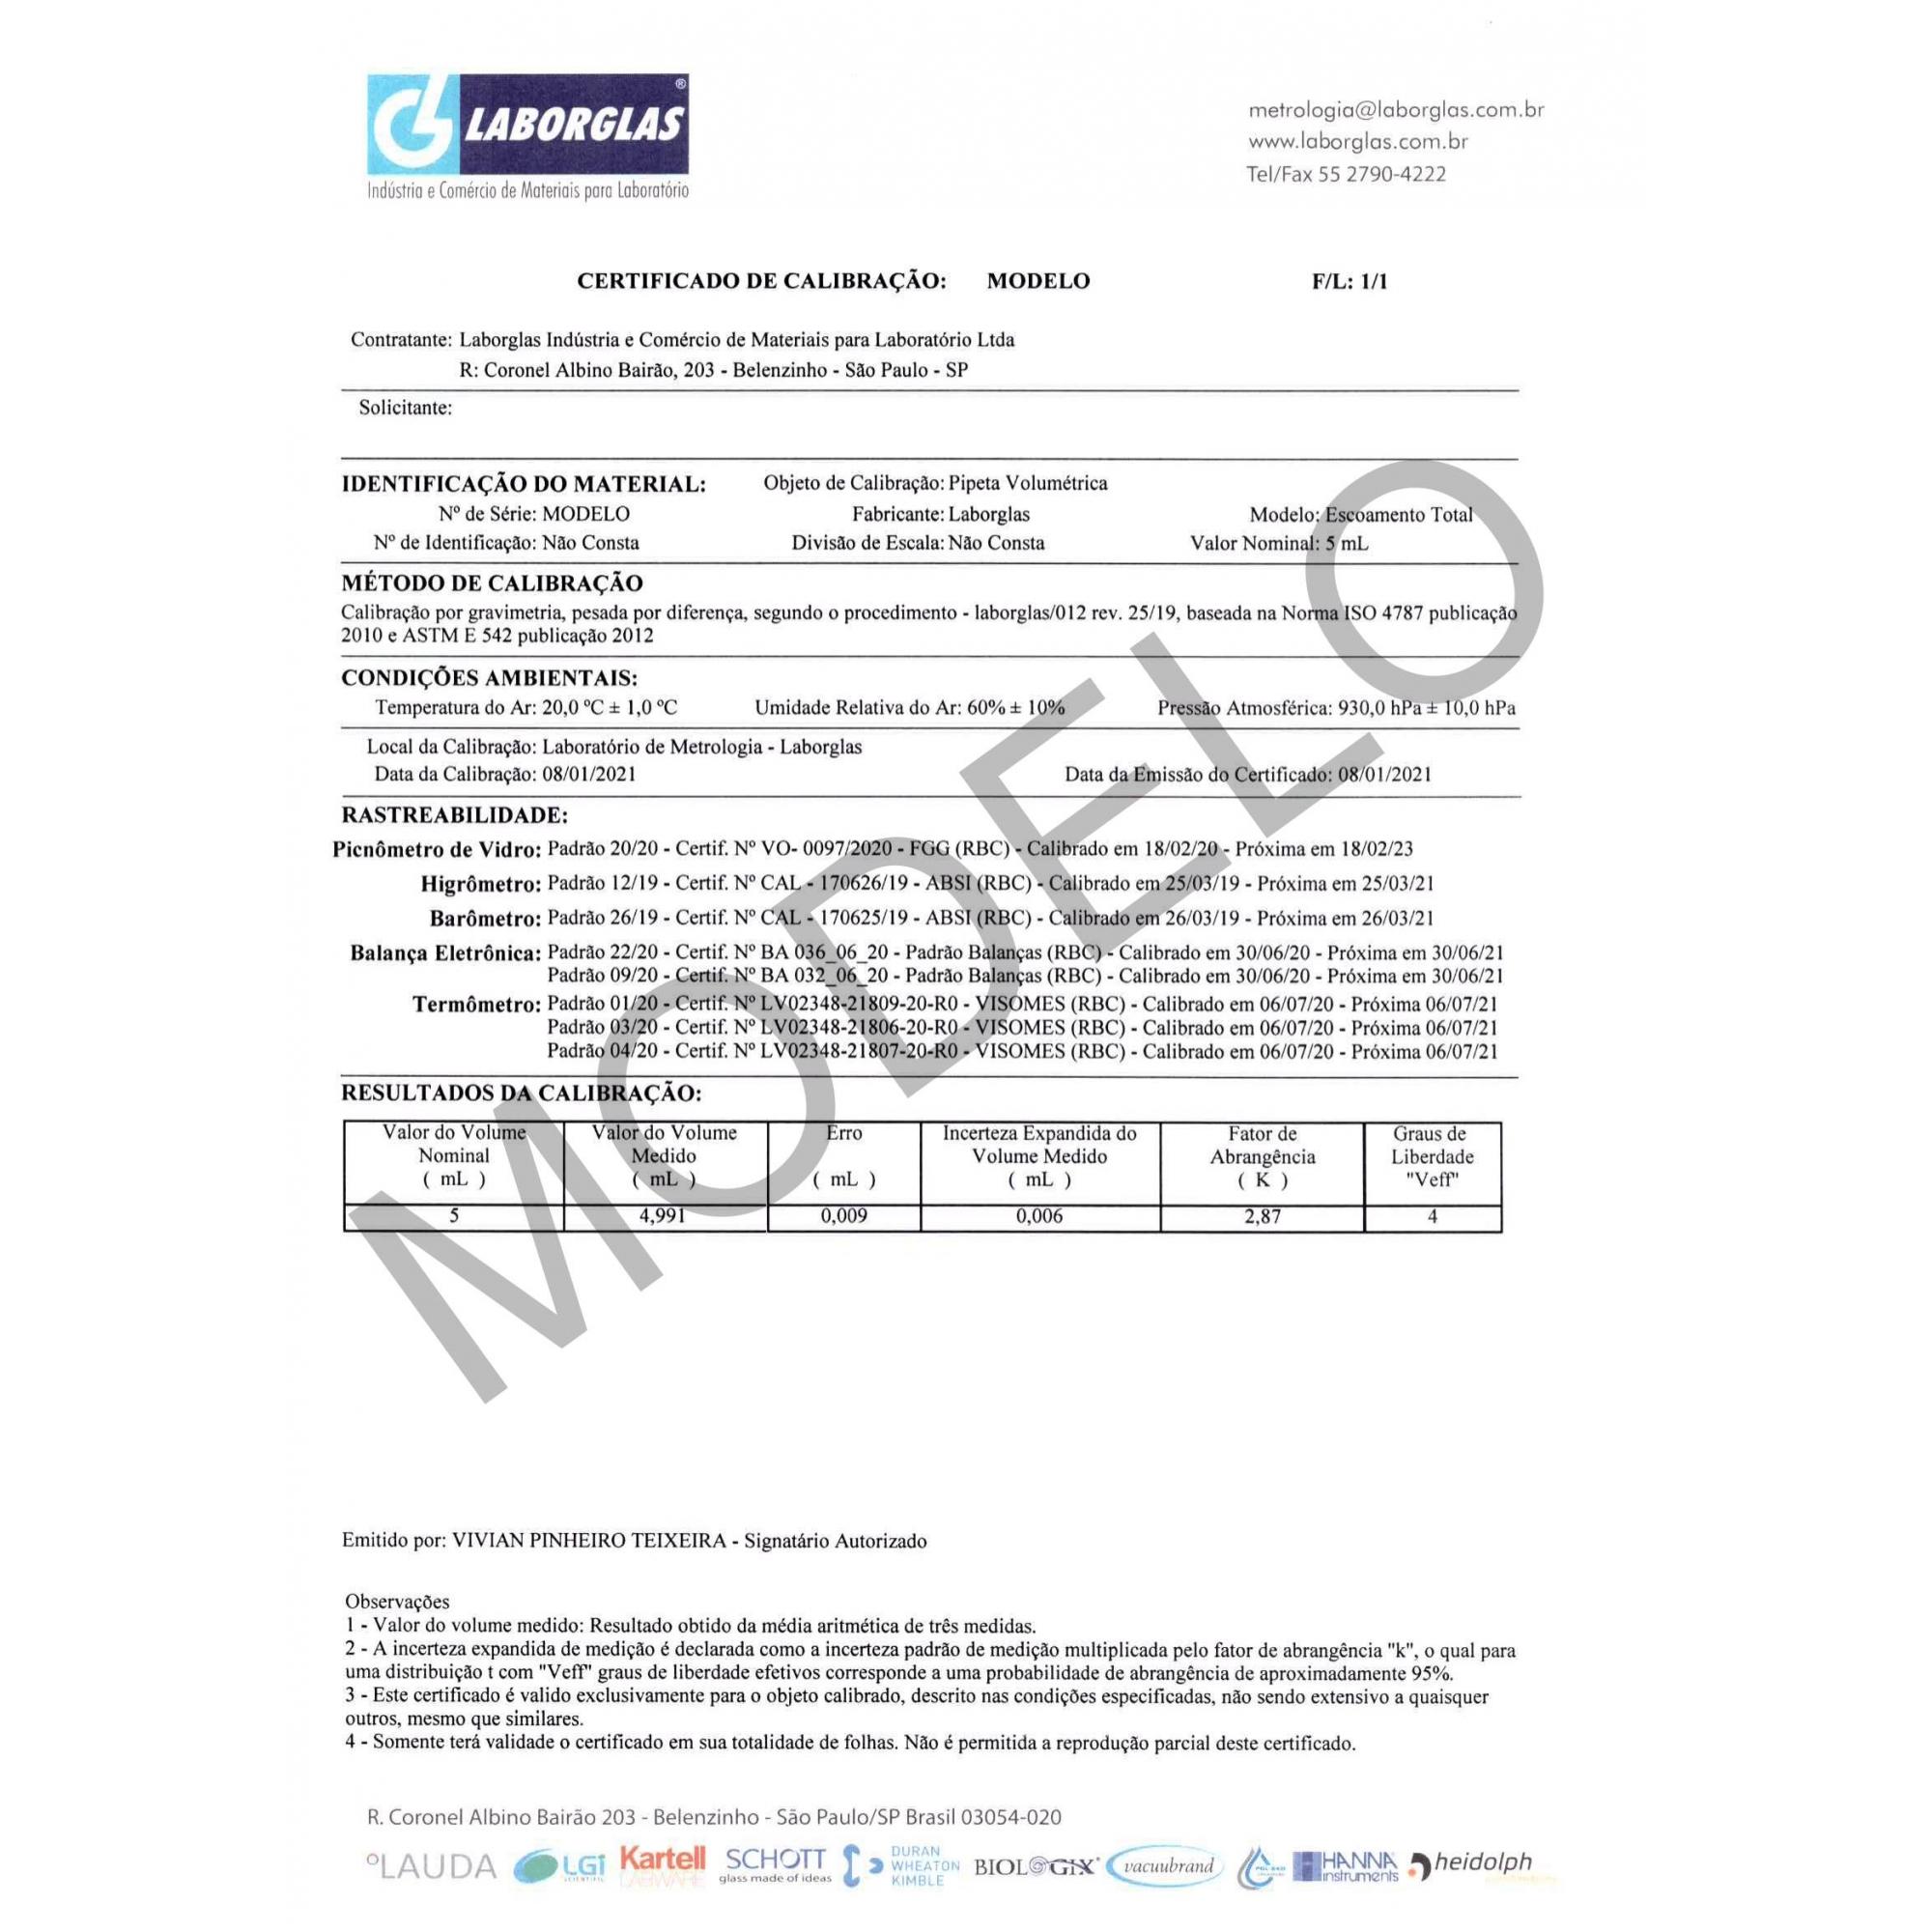 PIPETA VOLUMÉTRICA ESGOTAMENTO TOTAL 5,5 ML CERTIFICADO RASTREÁVEL - Laborglas - Cód. 9433723-C